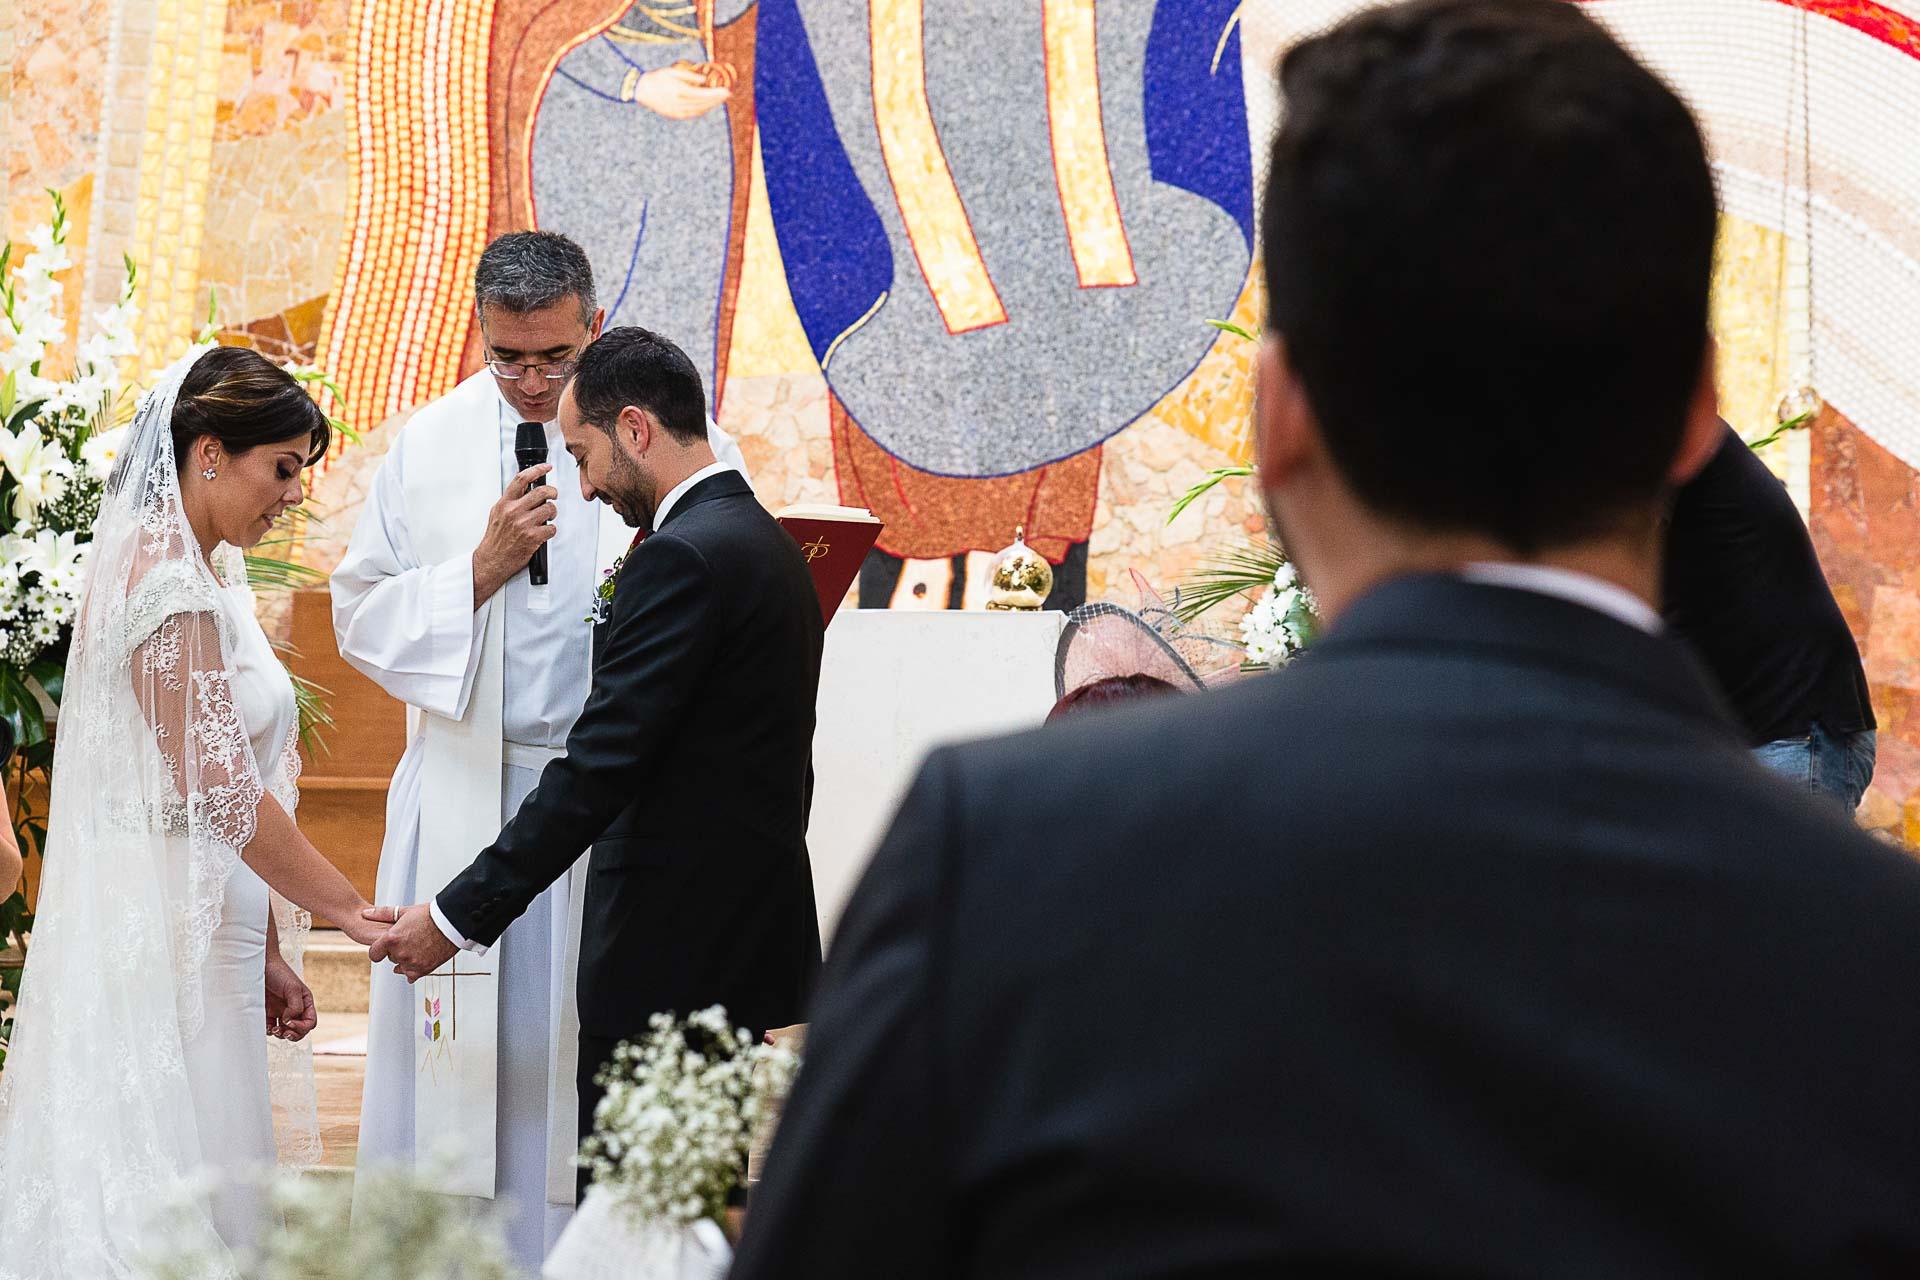 Boda Santa Maria Madre De la Ilglesia Zaragoza Ceremonia Manos